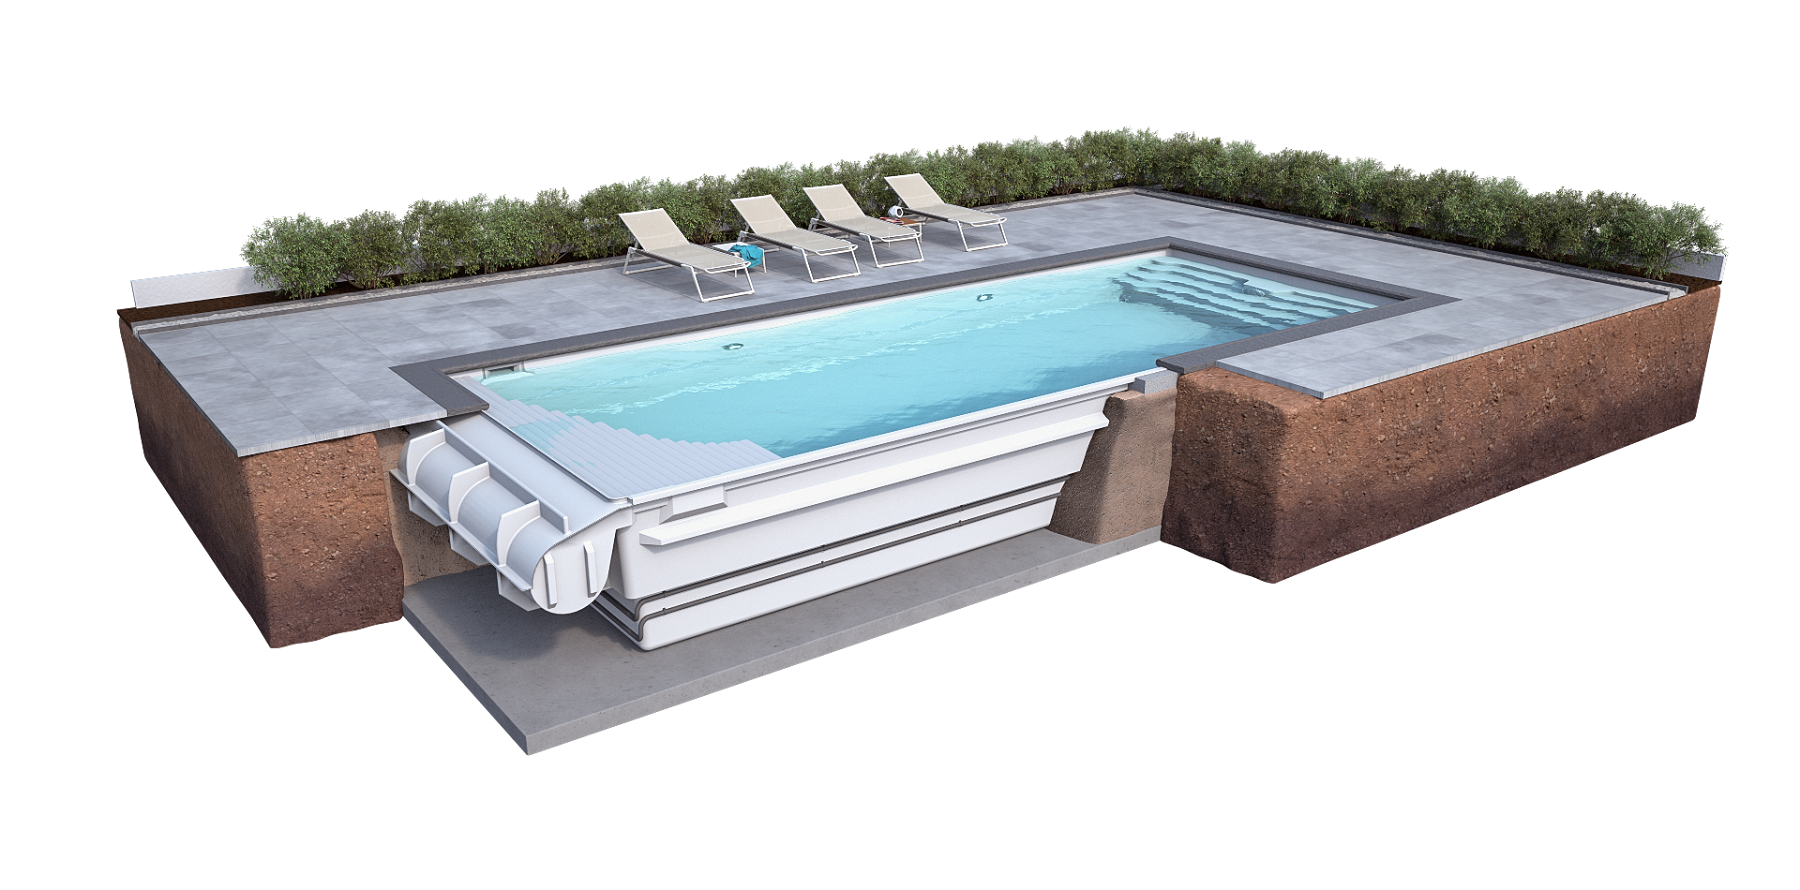 Die Schwimmbecken Sind Serienmäßig Mit Einem Stehrand In 90 Cm Tiefe  Ausgestattet.